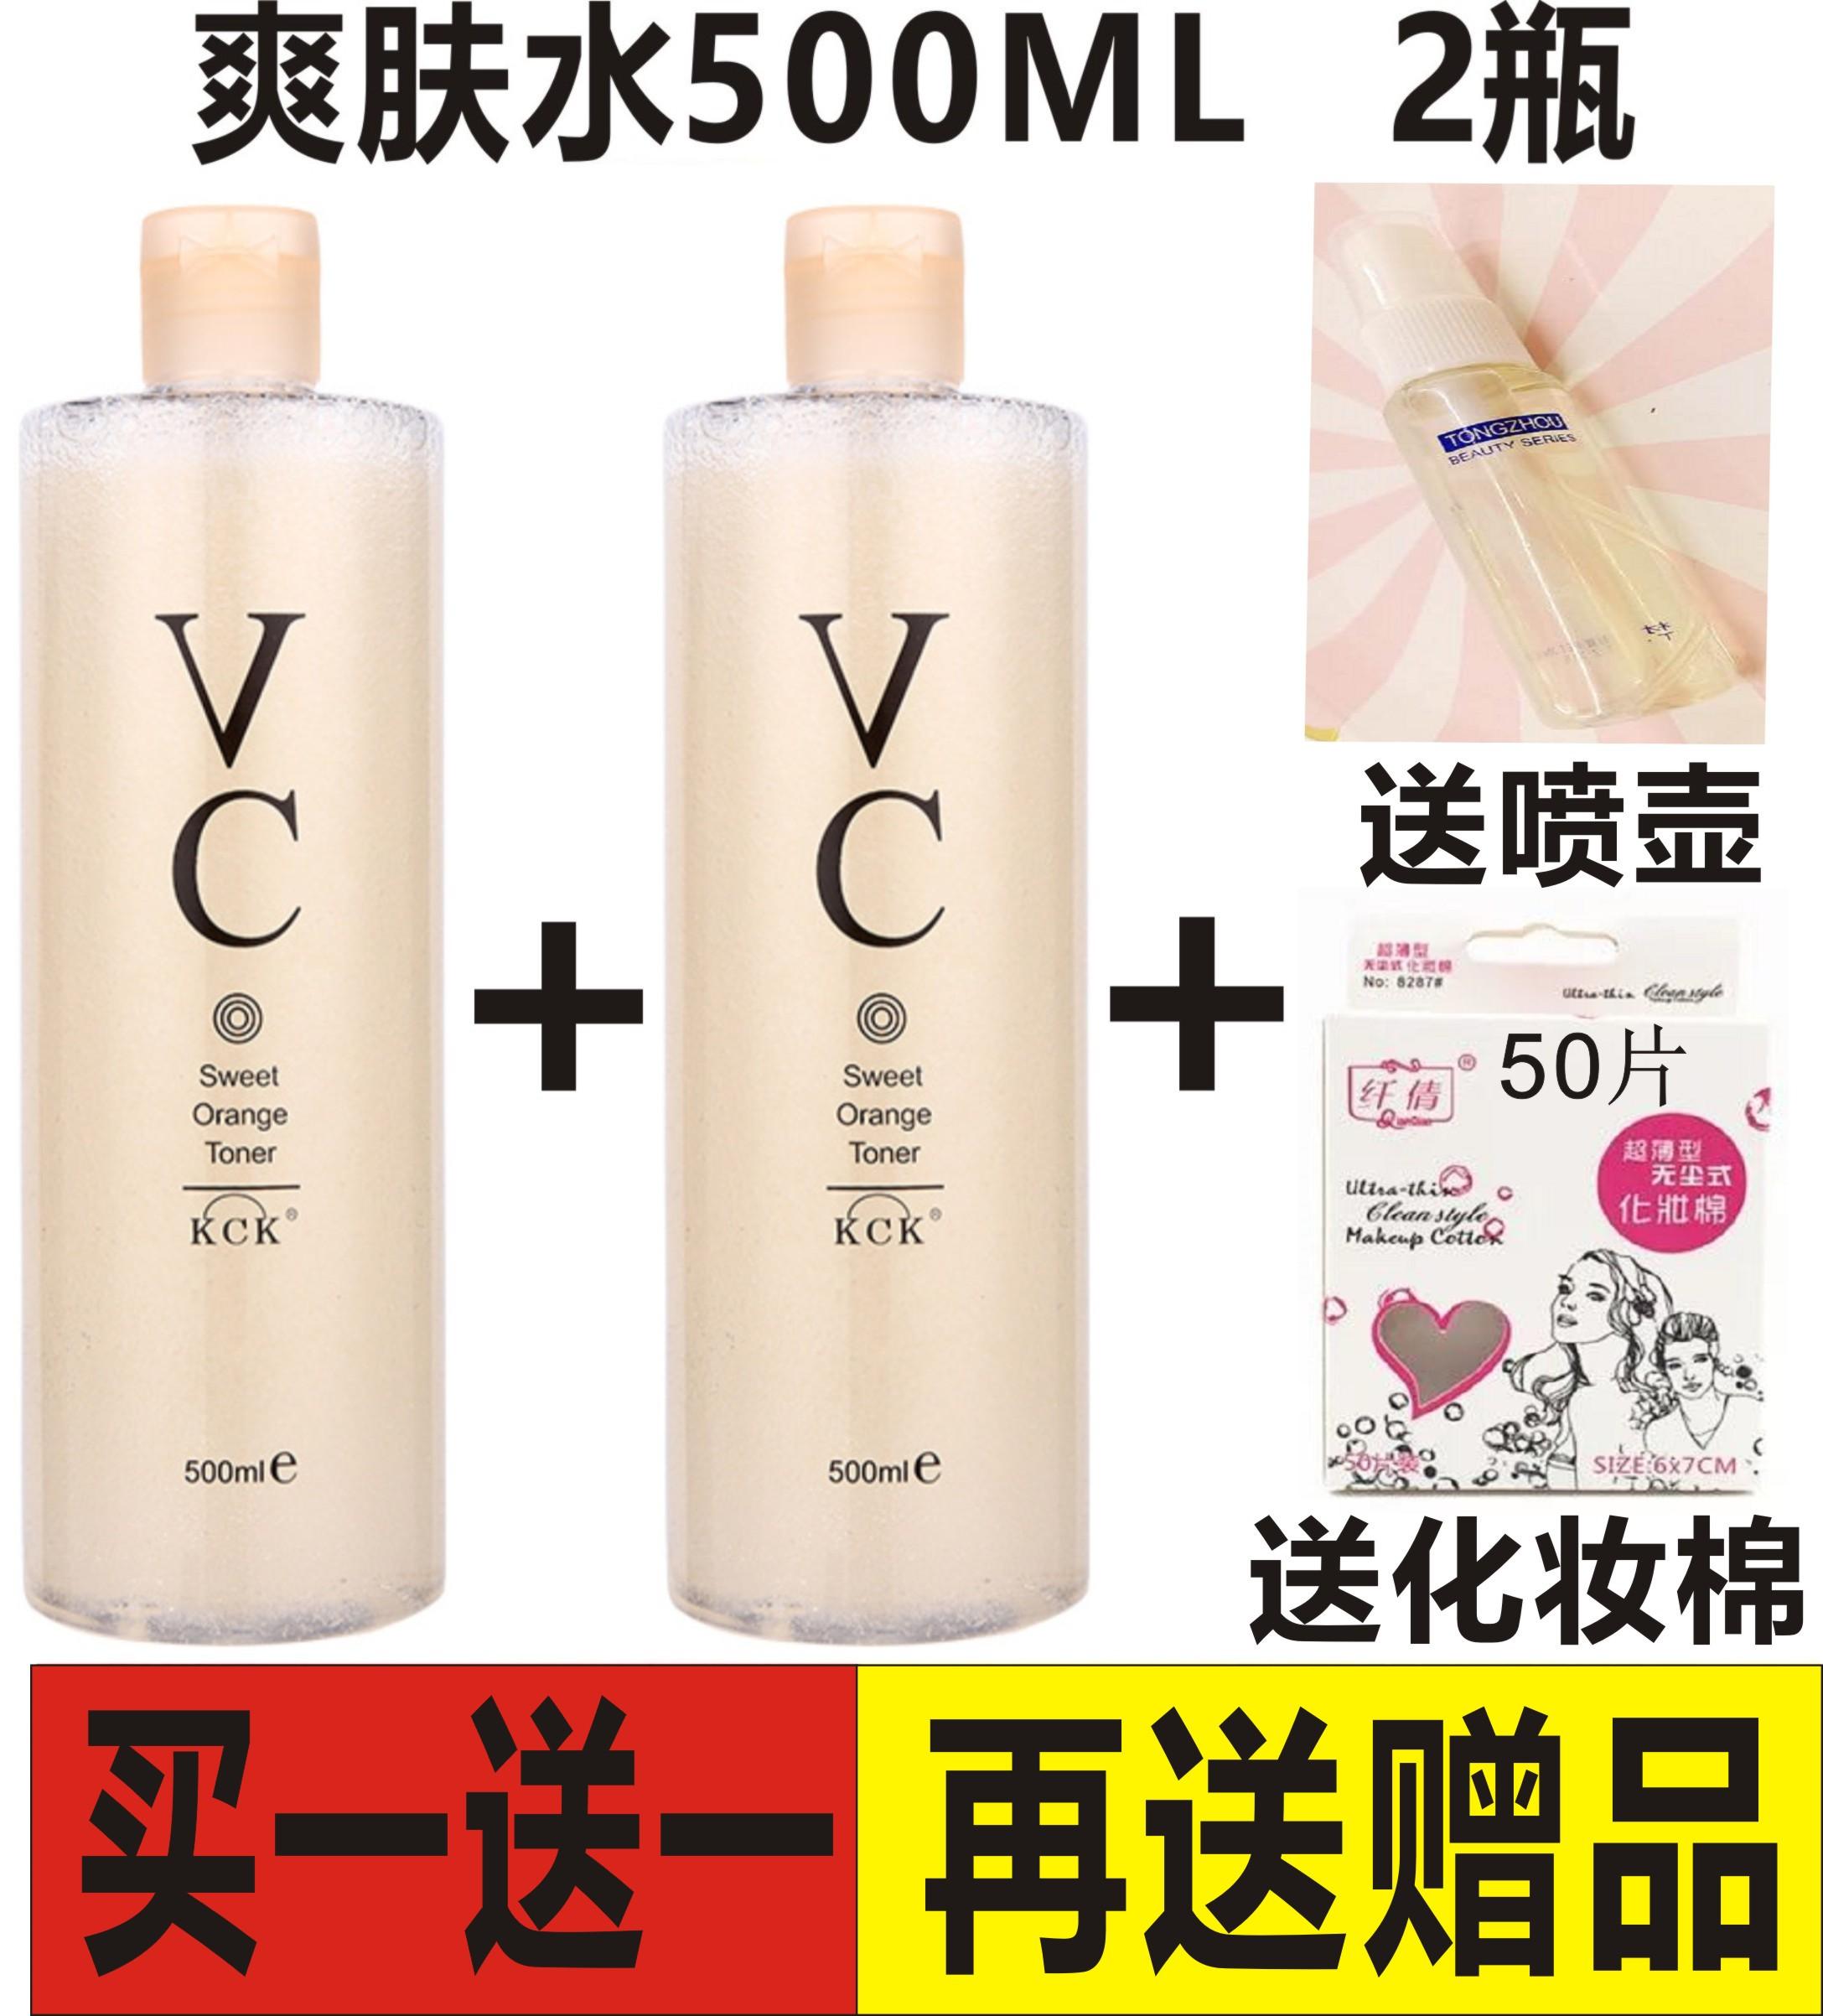 同款2瓶 泰国KCK柔肤水500ml VC爽肤水 收缩毛孔保湿补水控油保湿